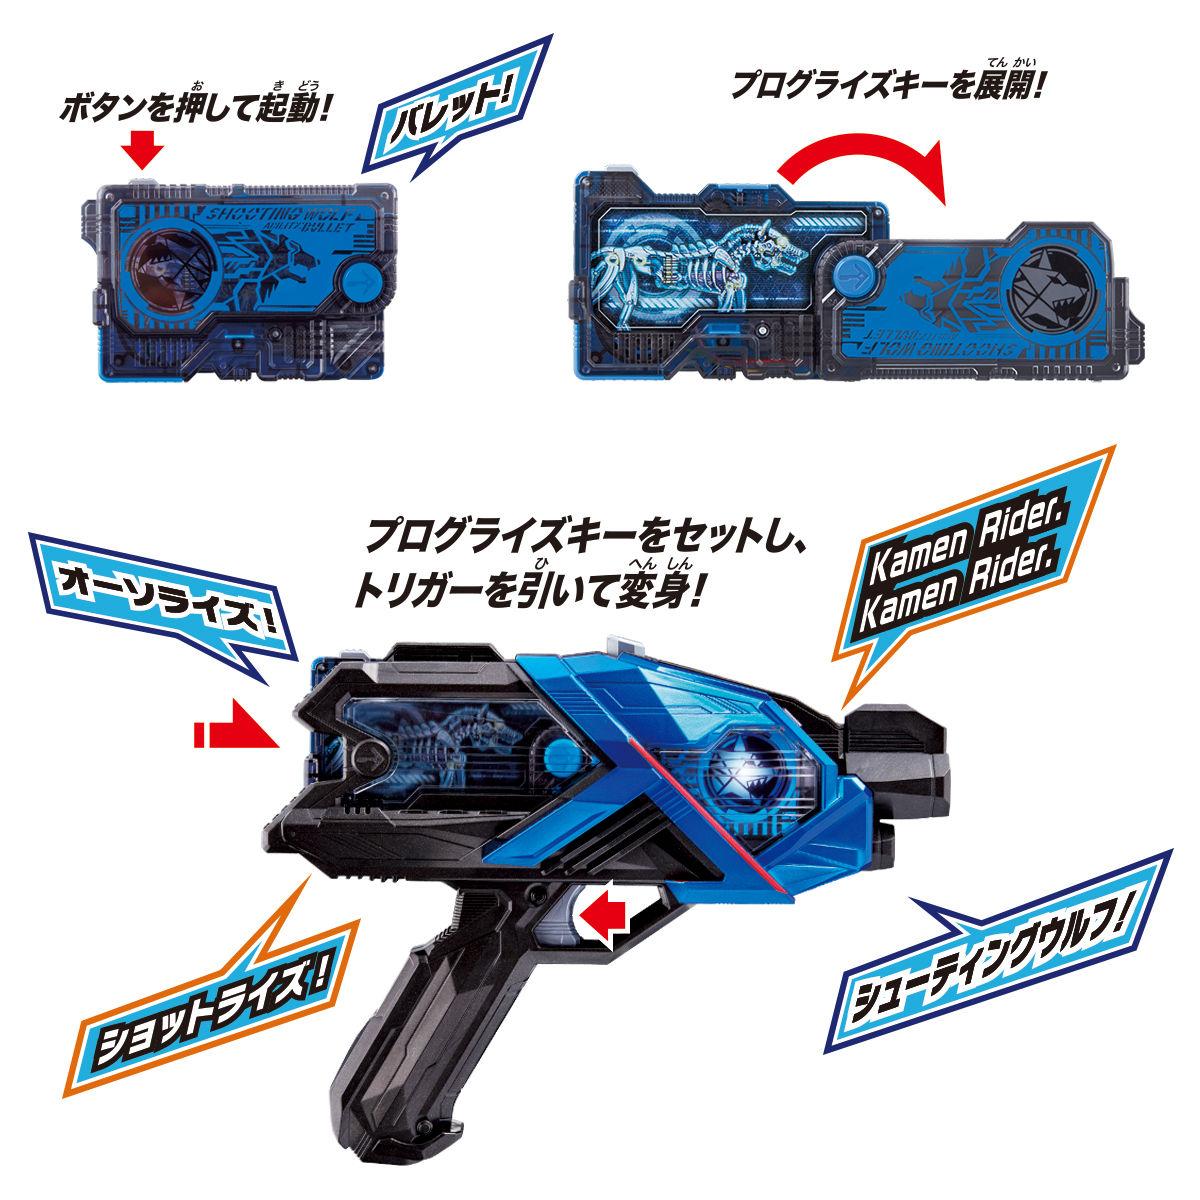 仮面ライダーゼロワン『DXエイムズショットライザー』変身なりきり-006